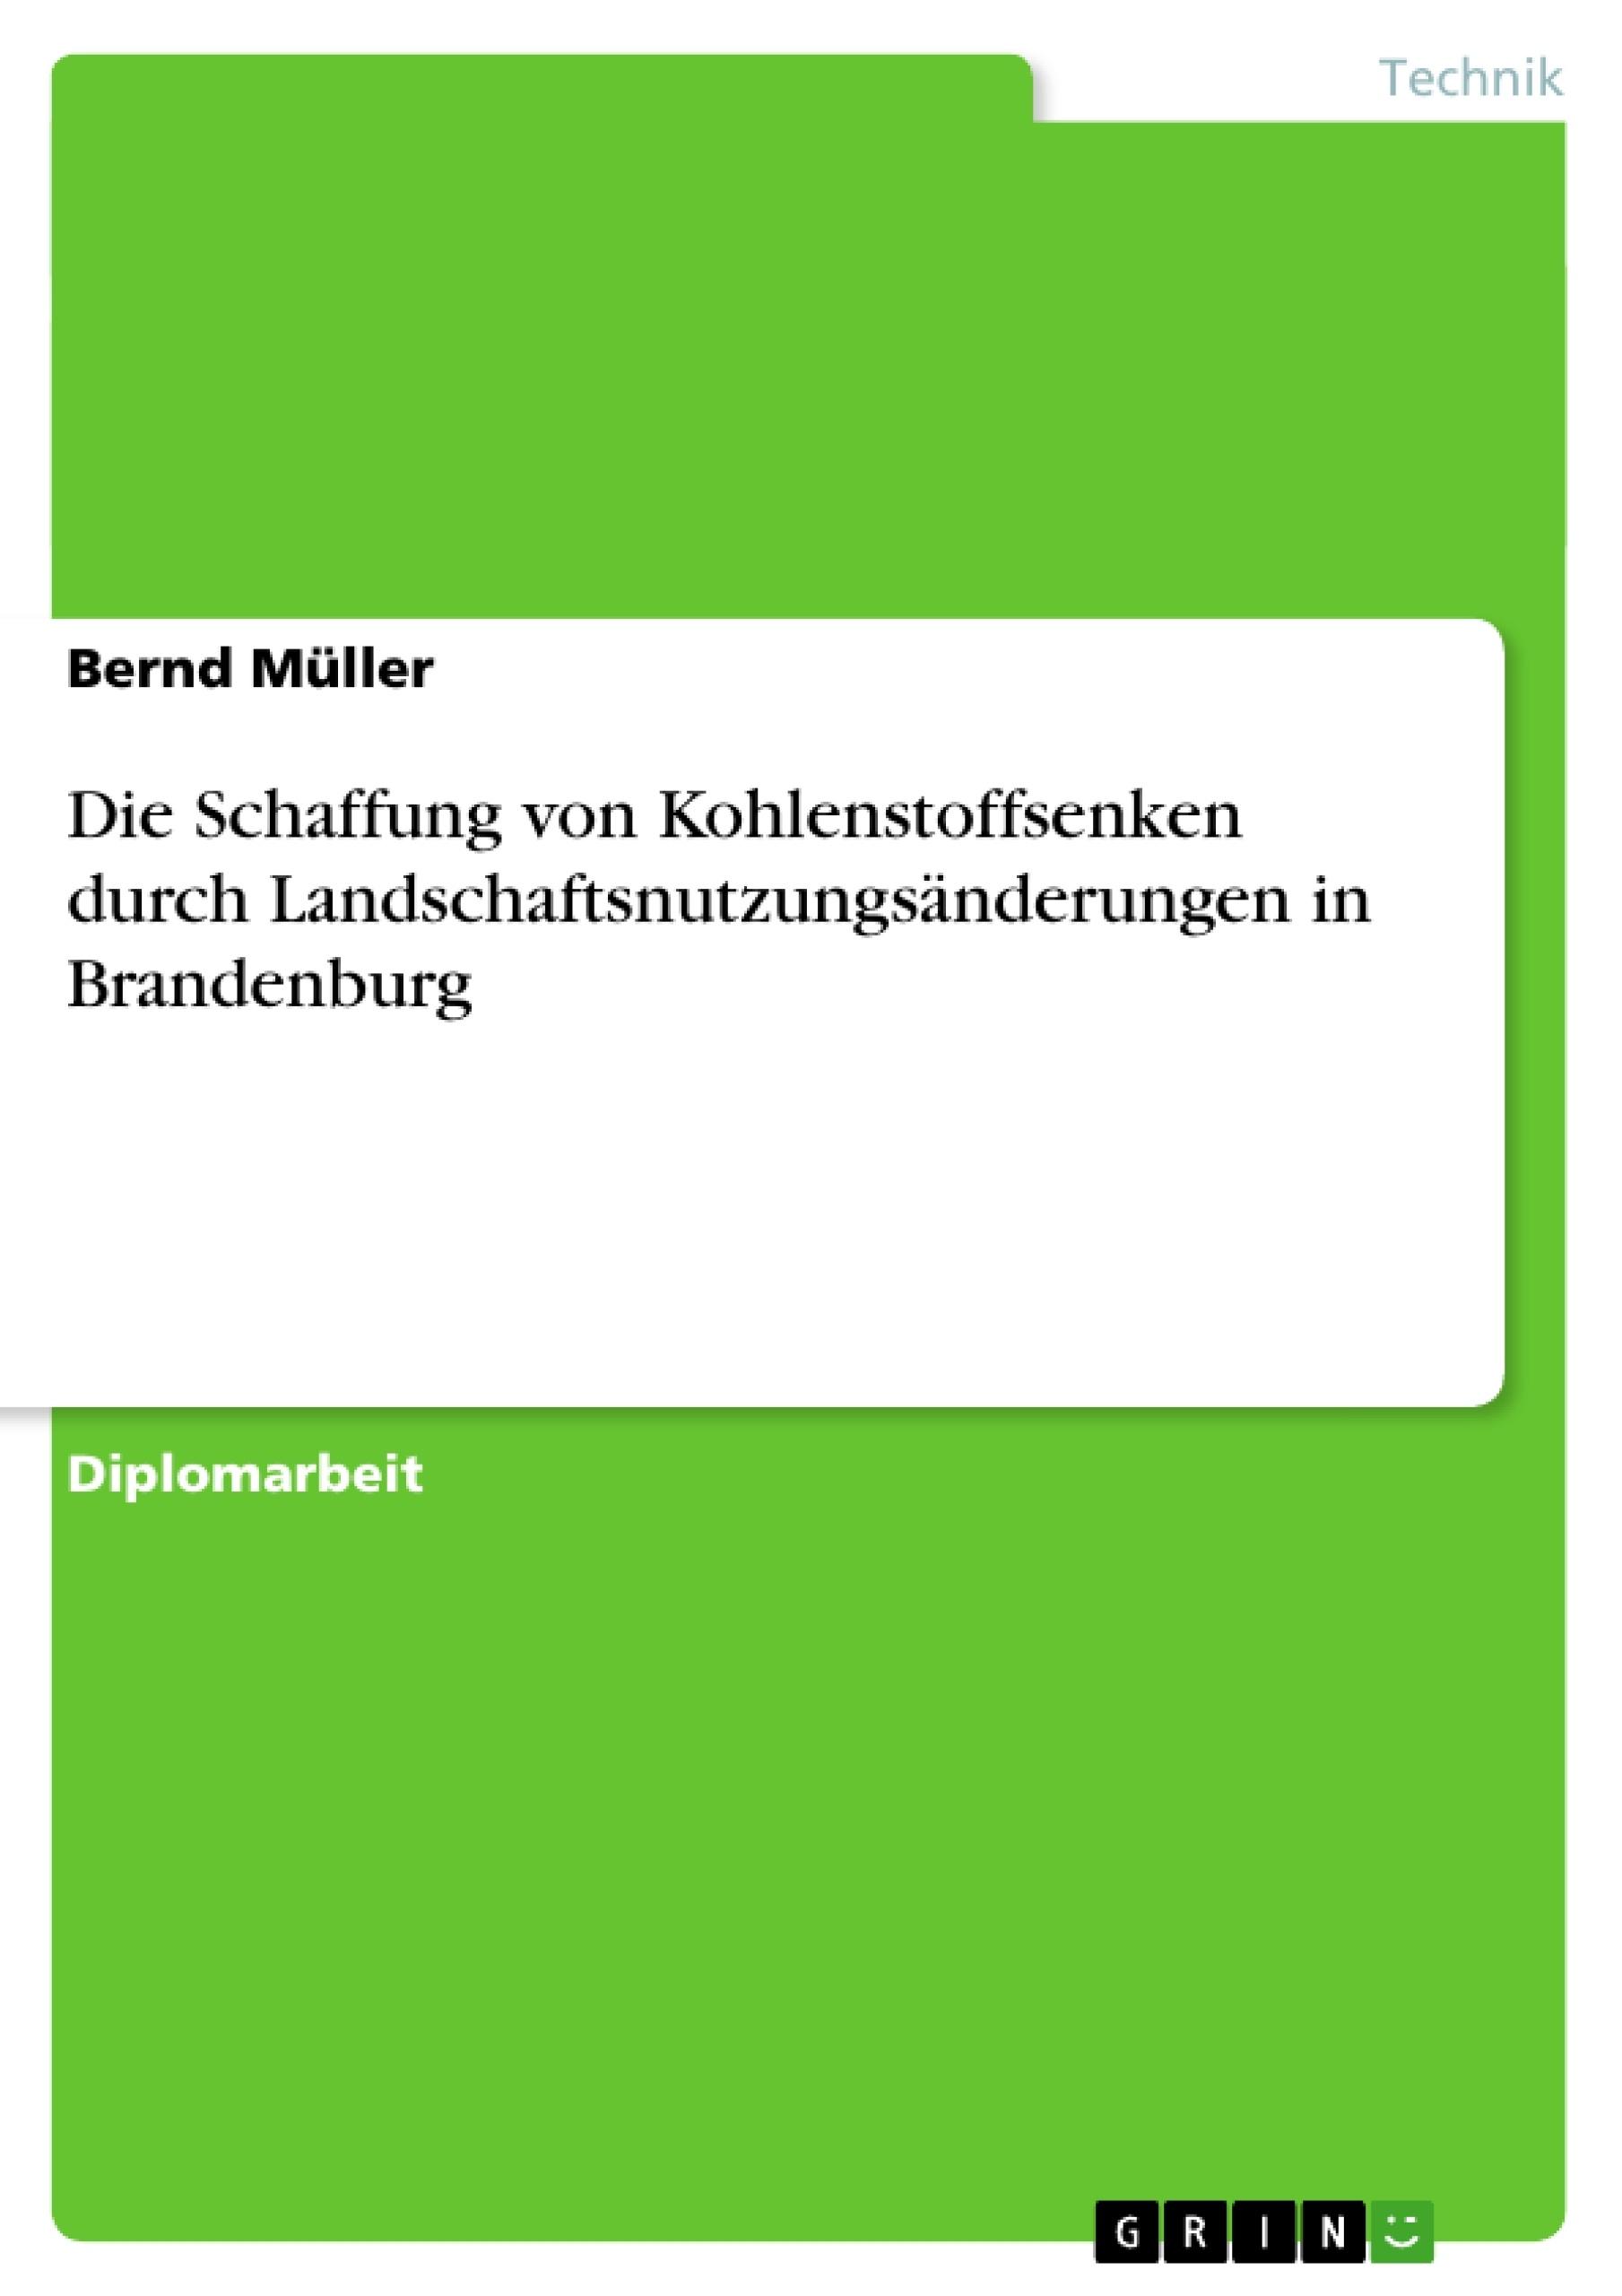 Titel: Die Schaffung von Kohlenstoffsenken durch Landschaftsnutzungsänderungen in Brandenburg